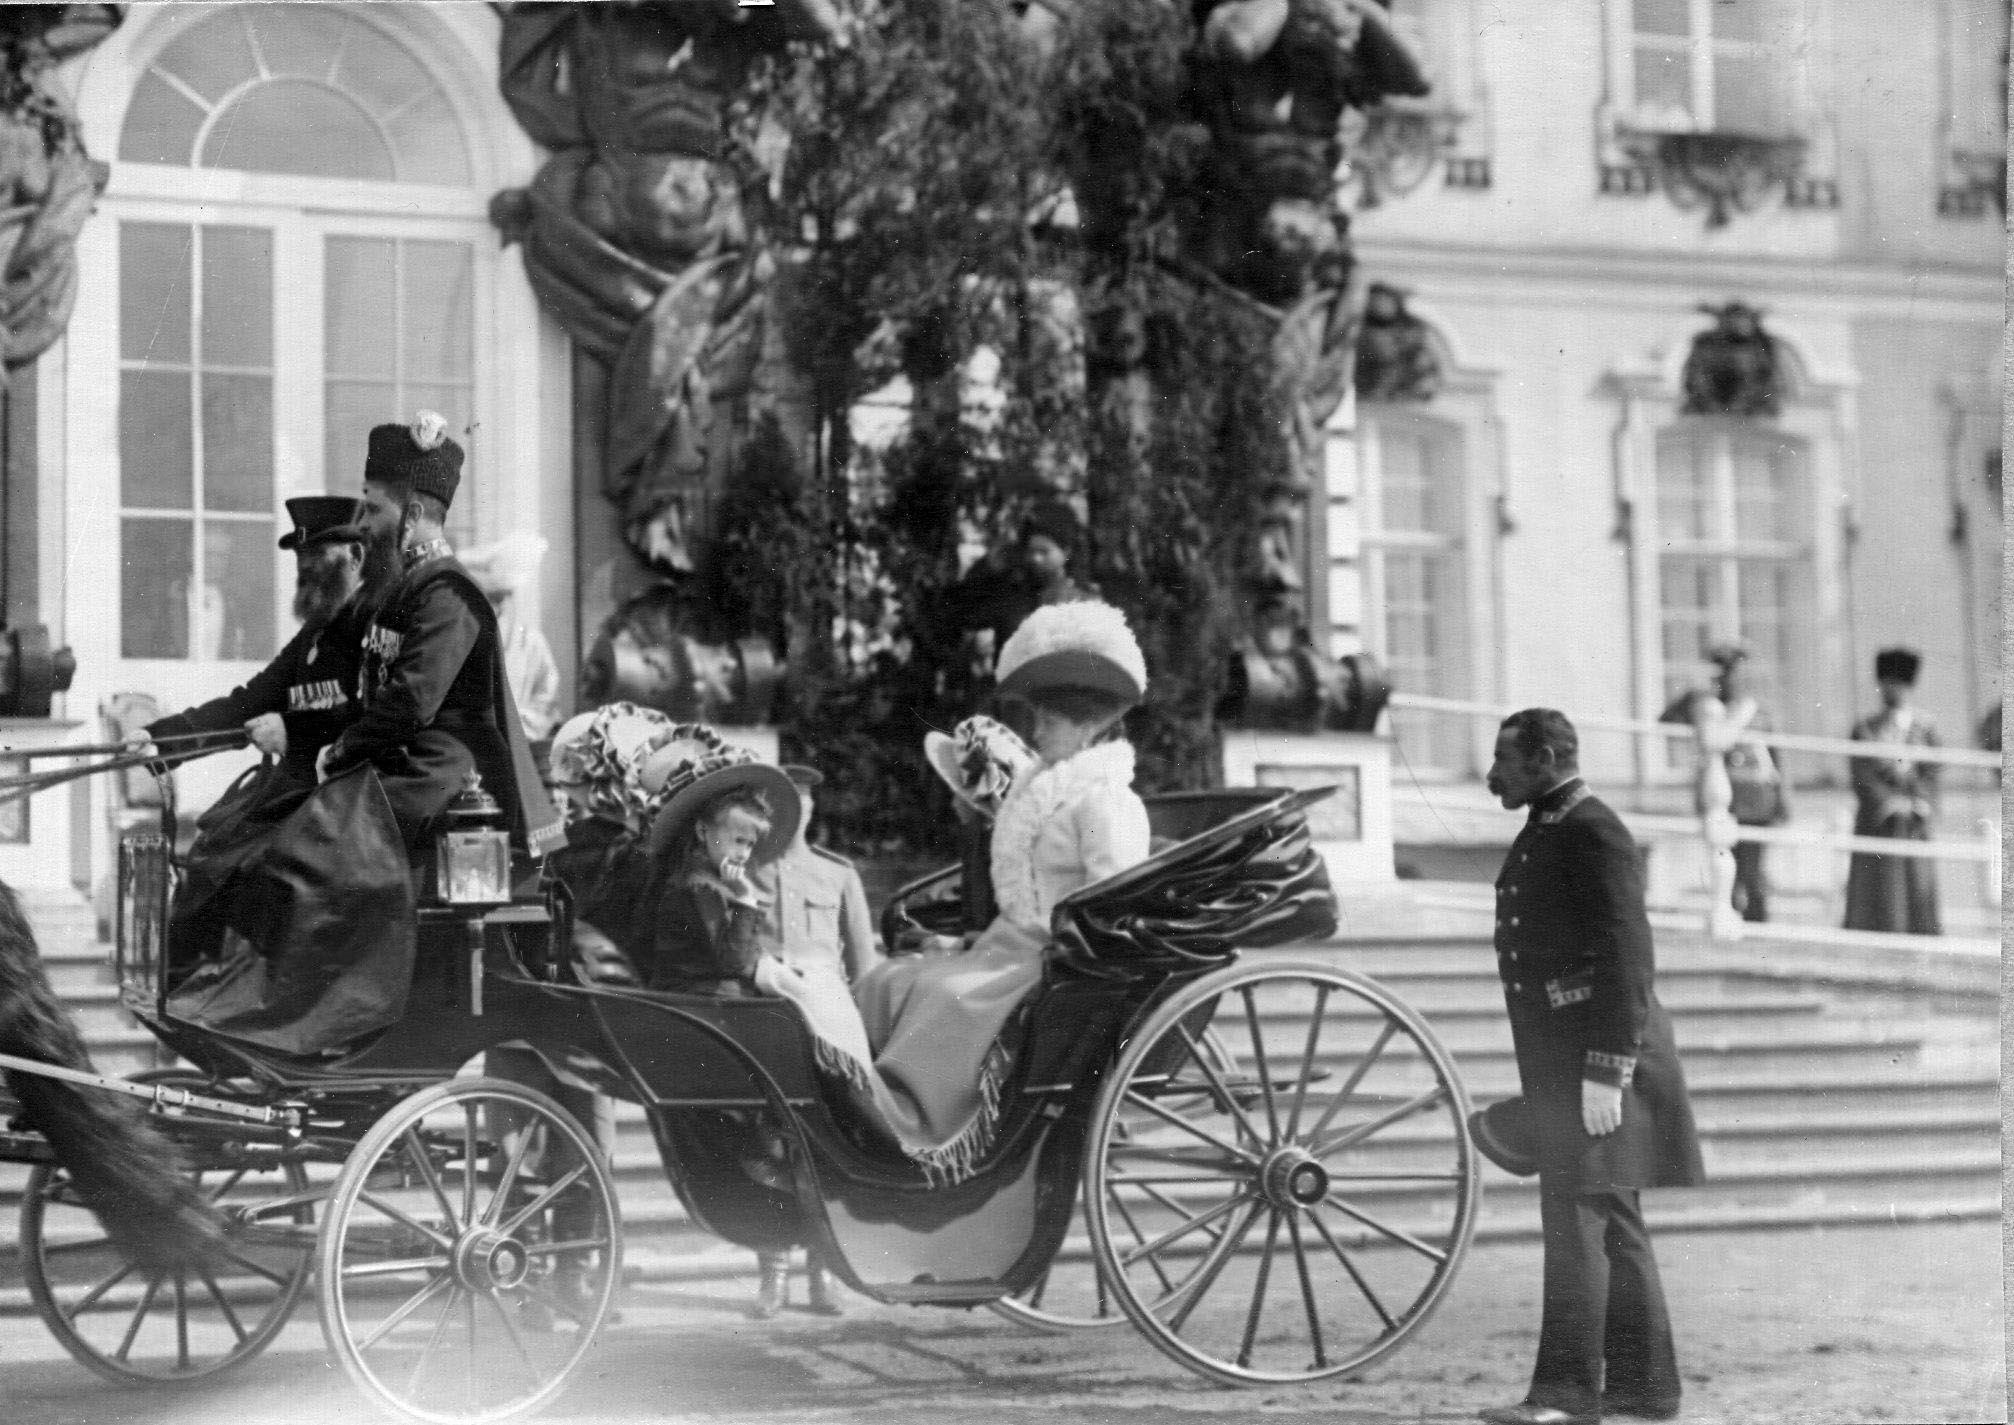 1909. Императрица Александра Федоровна с дочерьми в коляске у Большого Екатерининского дворца во время парада лейб-гвардии Гусарского его величества полка. 15 мая